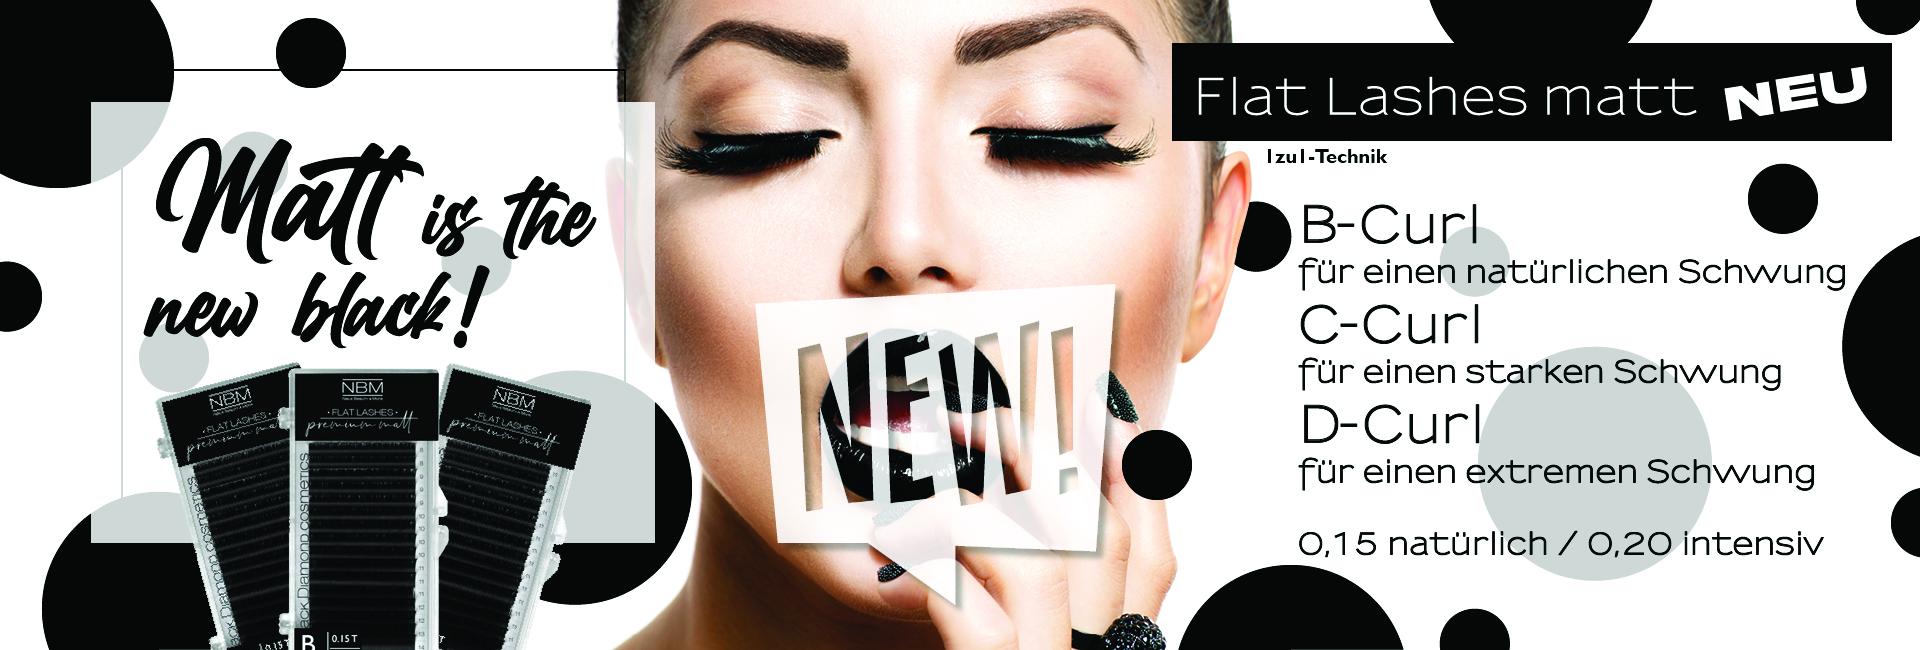 NEU, Flat Lashes premium matt